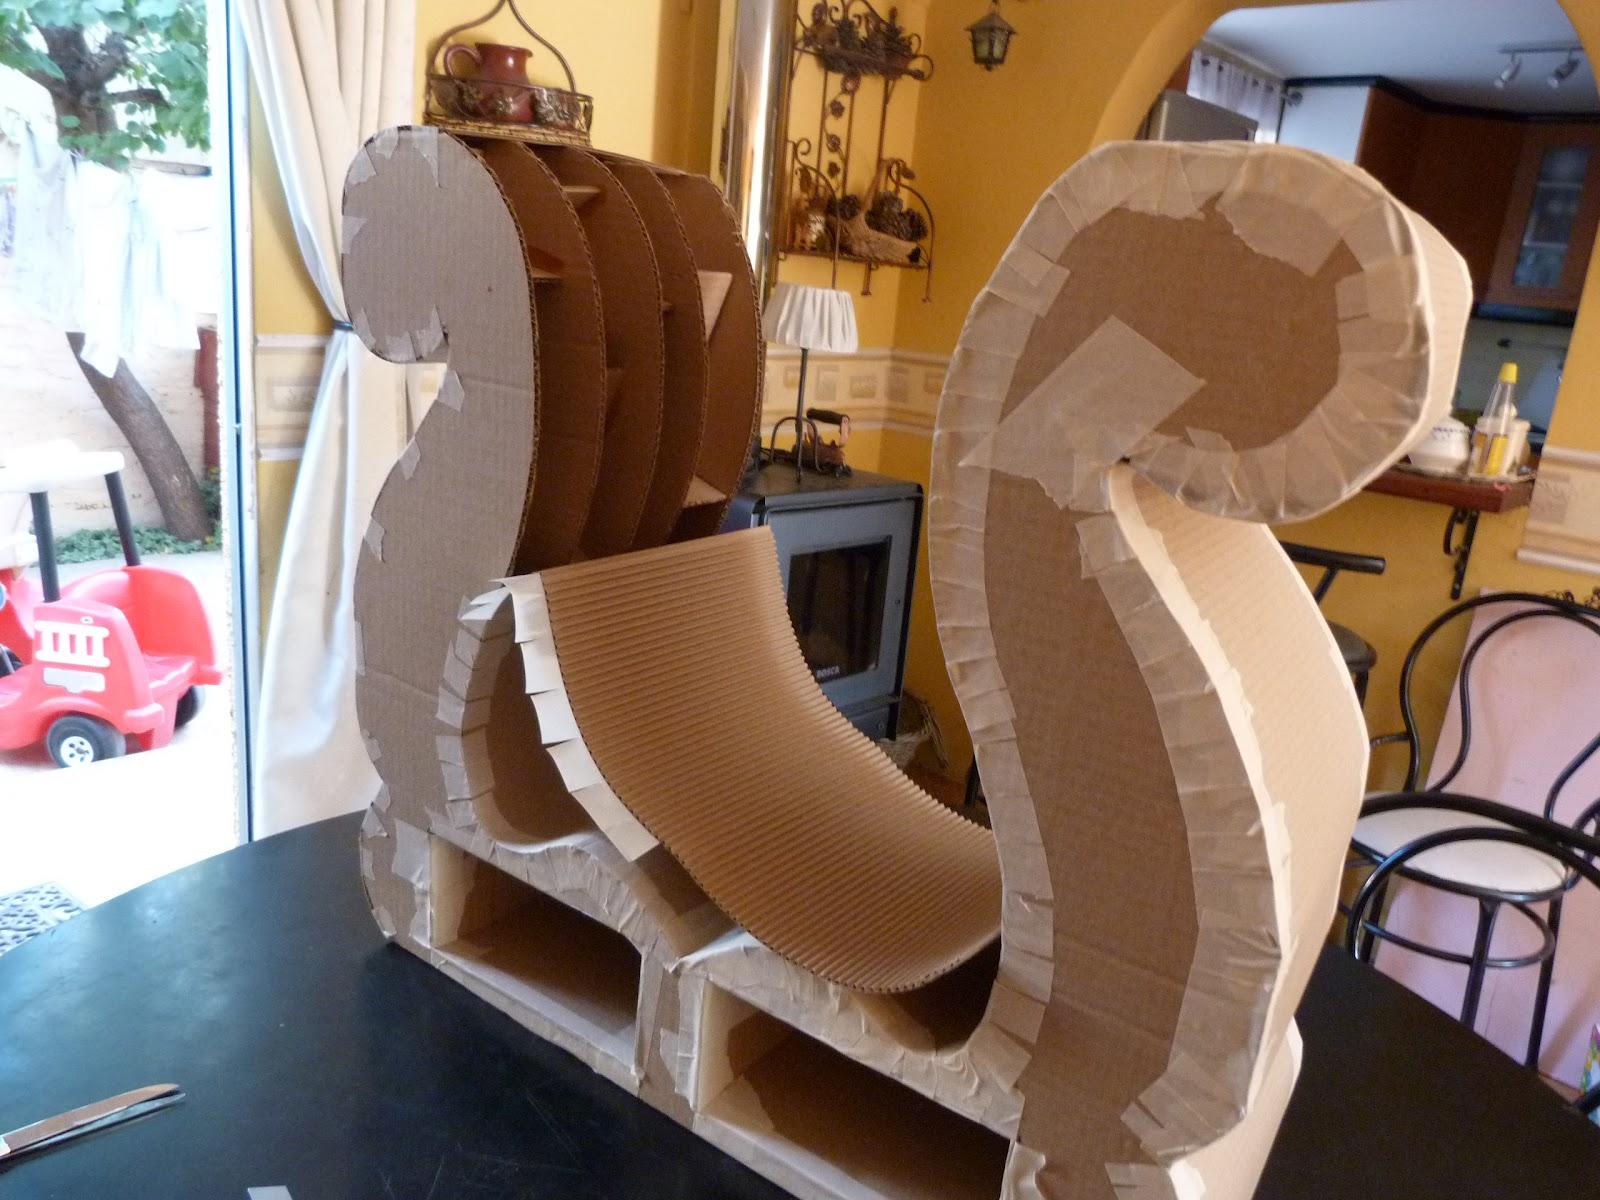 Las creaciones de do a castora muebles de cart n tocador - Muebles el castor ...